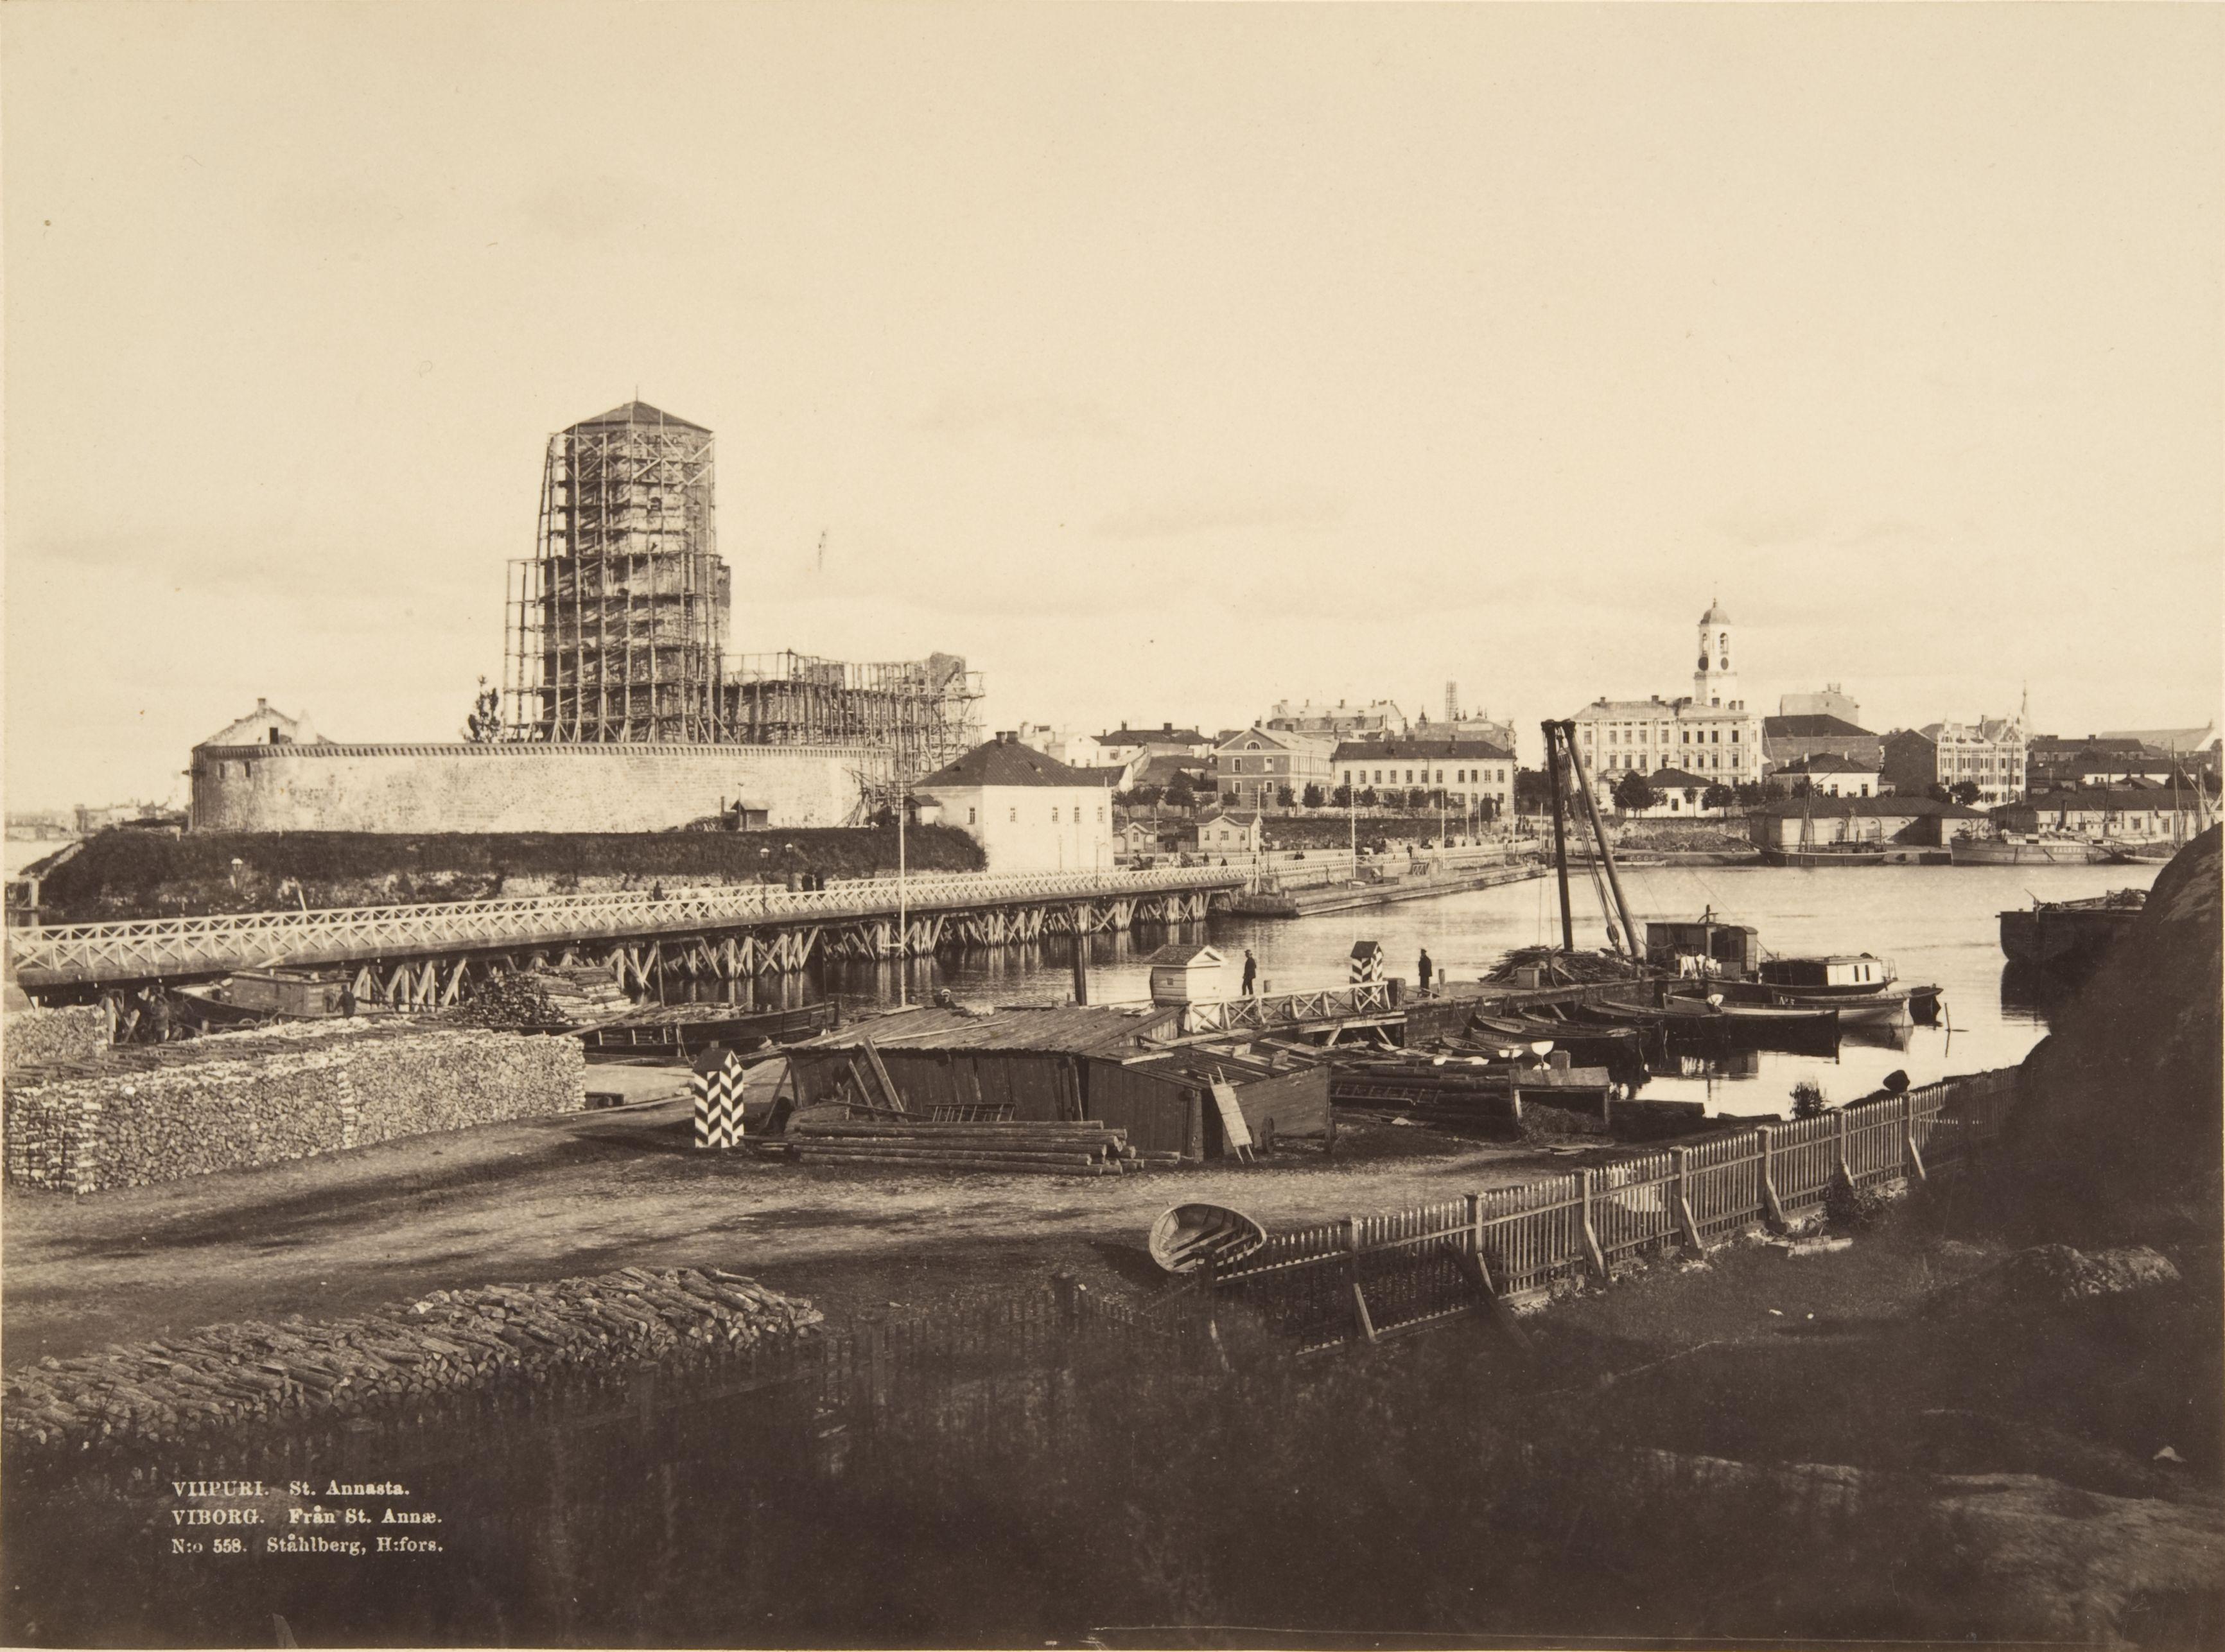 Viipurin linnan restaurointitöiden aikaan 1890-luvun alkupuolella. (K. E. Ståhlberg / Museovirasto)